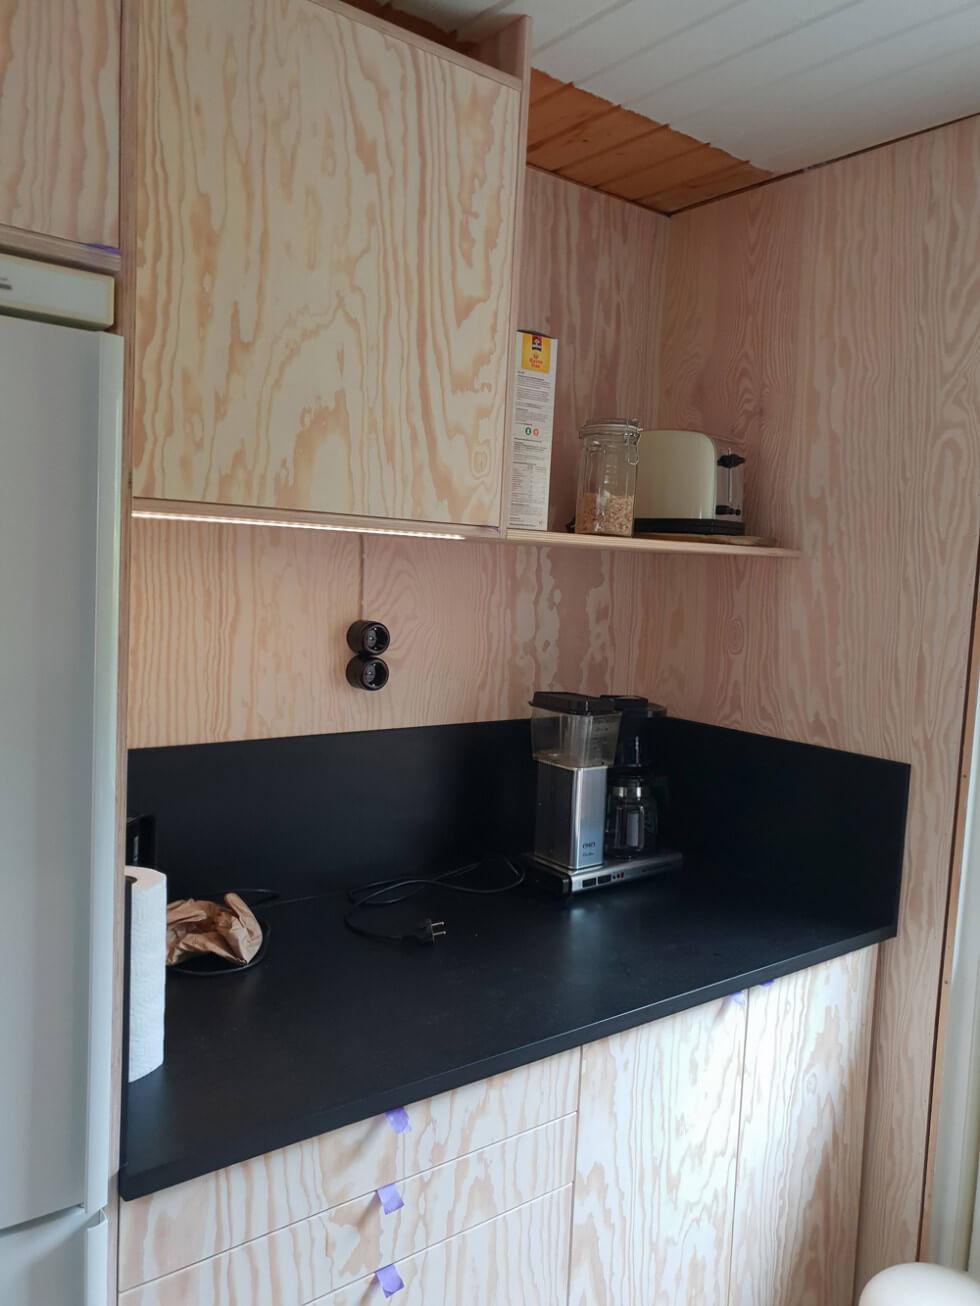 Kylskåp vid bänkyta